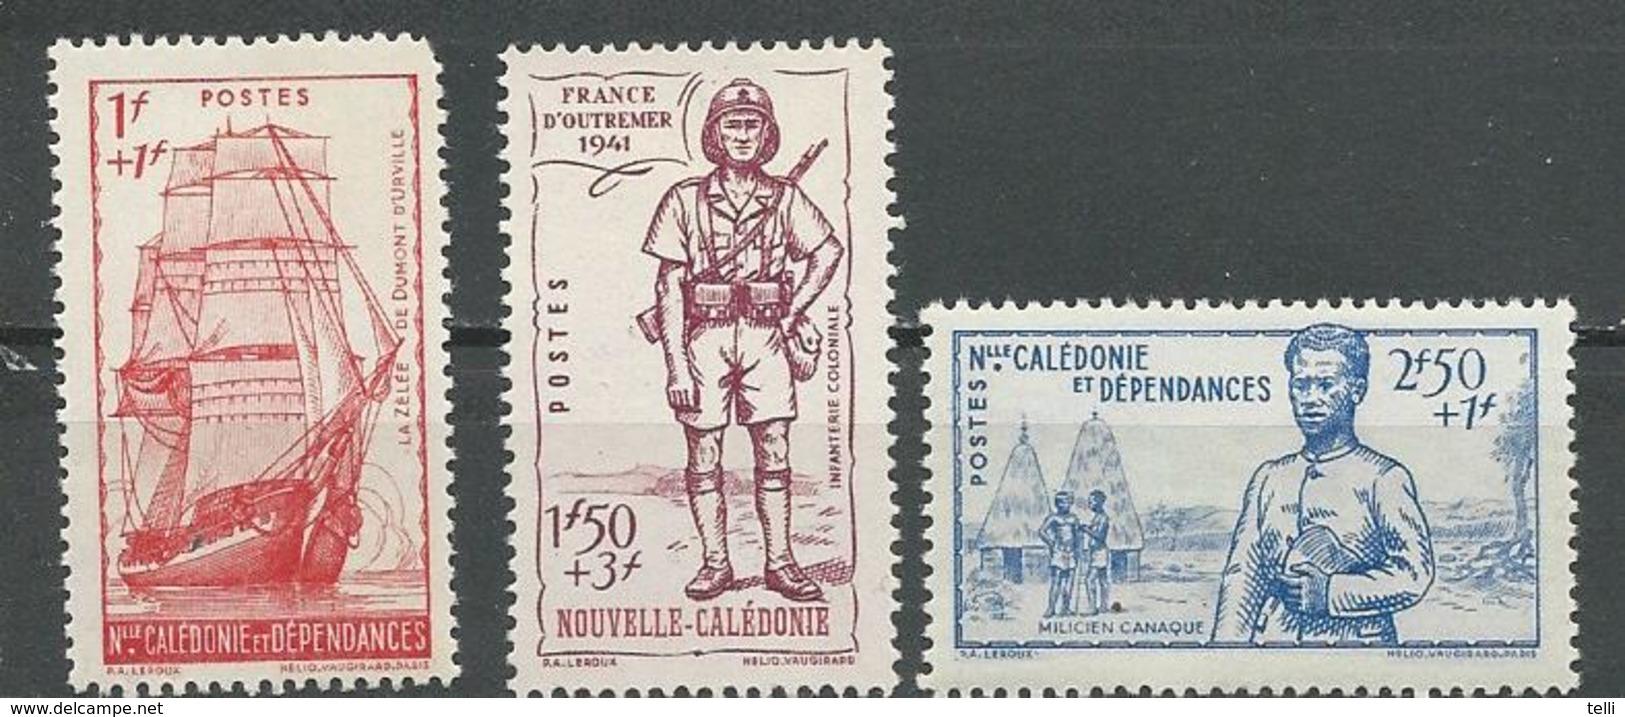 NLLE CALÉDONIE Scott B10-B12 Yvert 190-192 (3) *VLH Cote 10,00 $ 1938 - Nouvelle-Calédonie